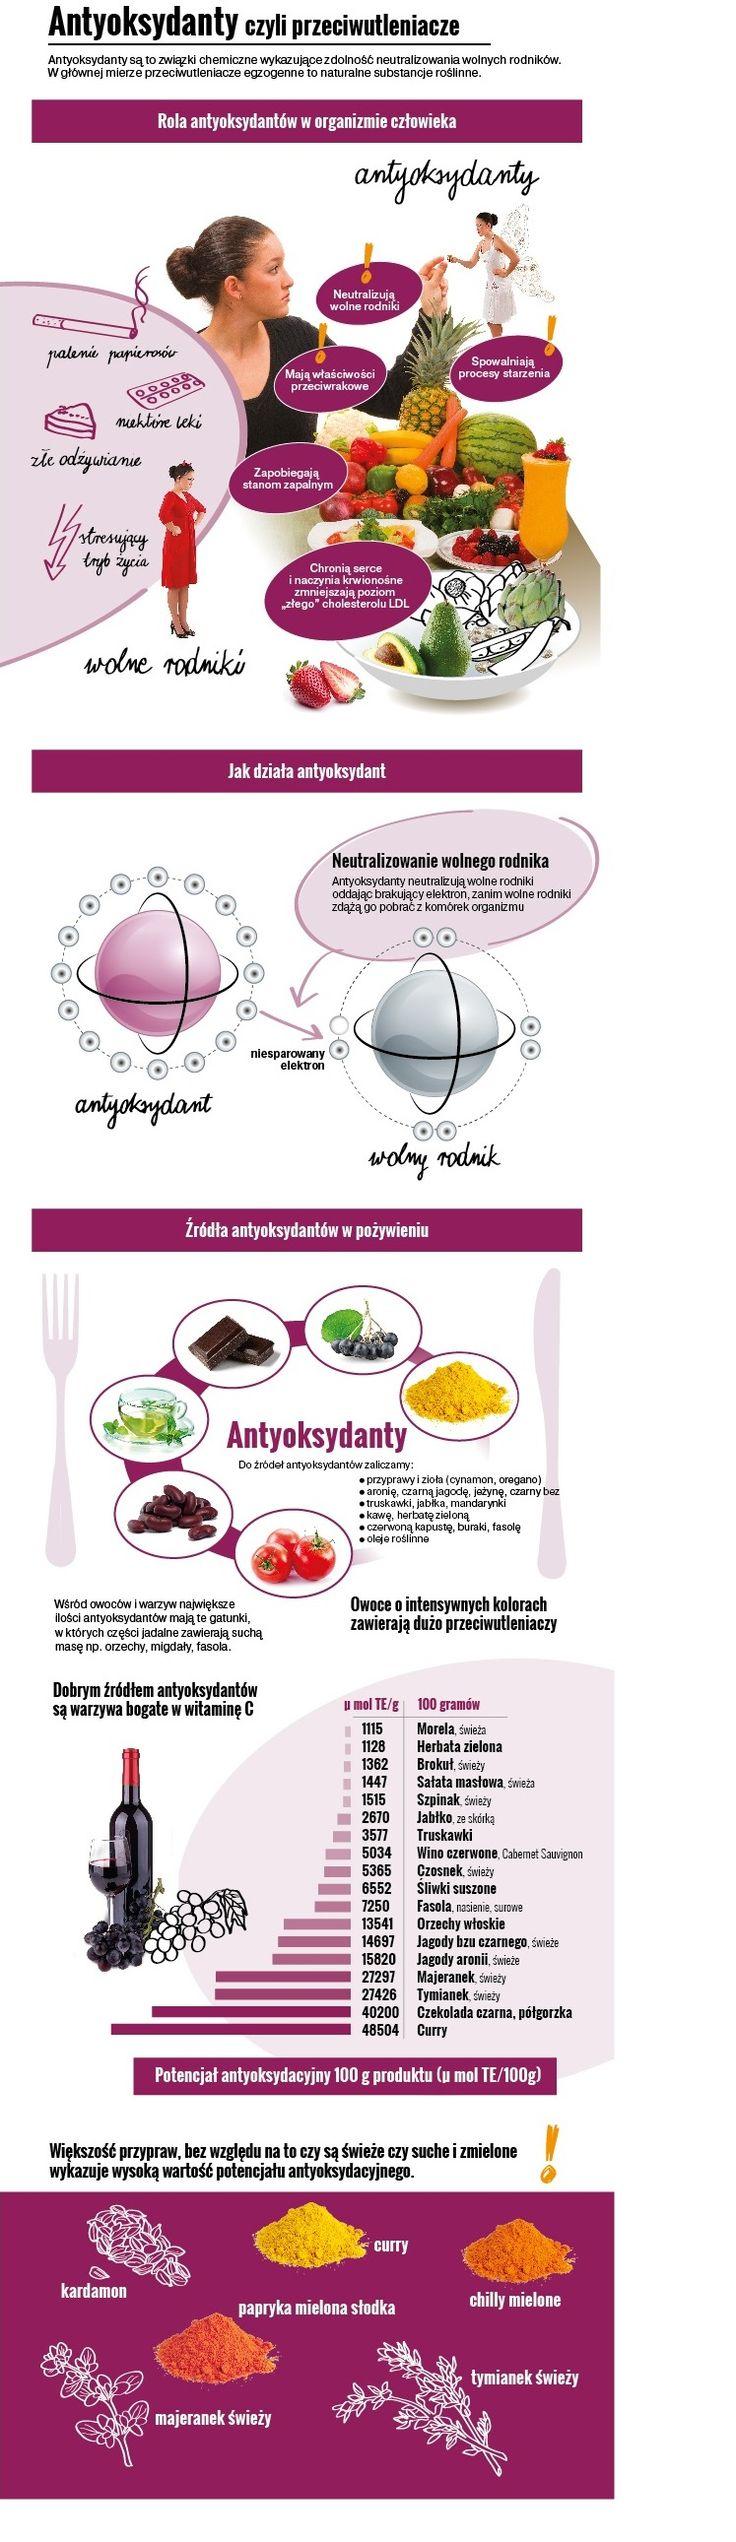 Antyoksydanty  #dietetyka #dietetyk  #antyoksydanty #dieta #zdrowie #zdrowadieta #dietetyka #dietetyk #medycyna